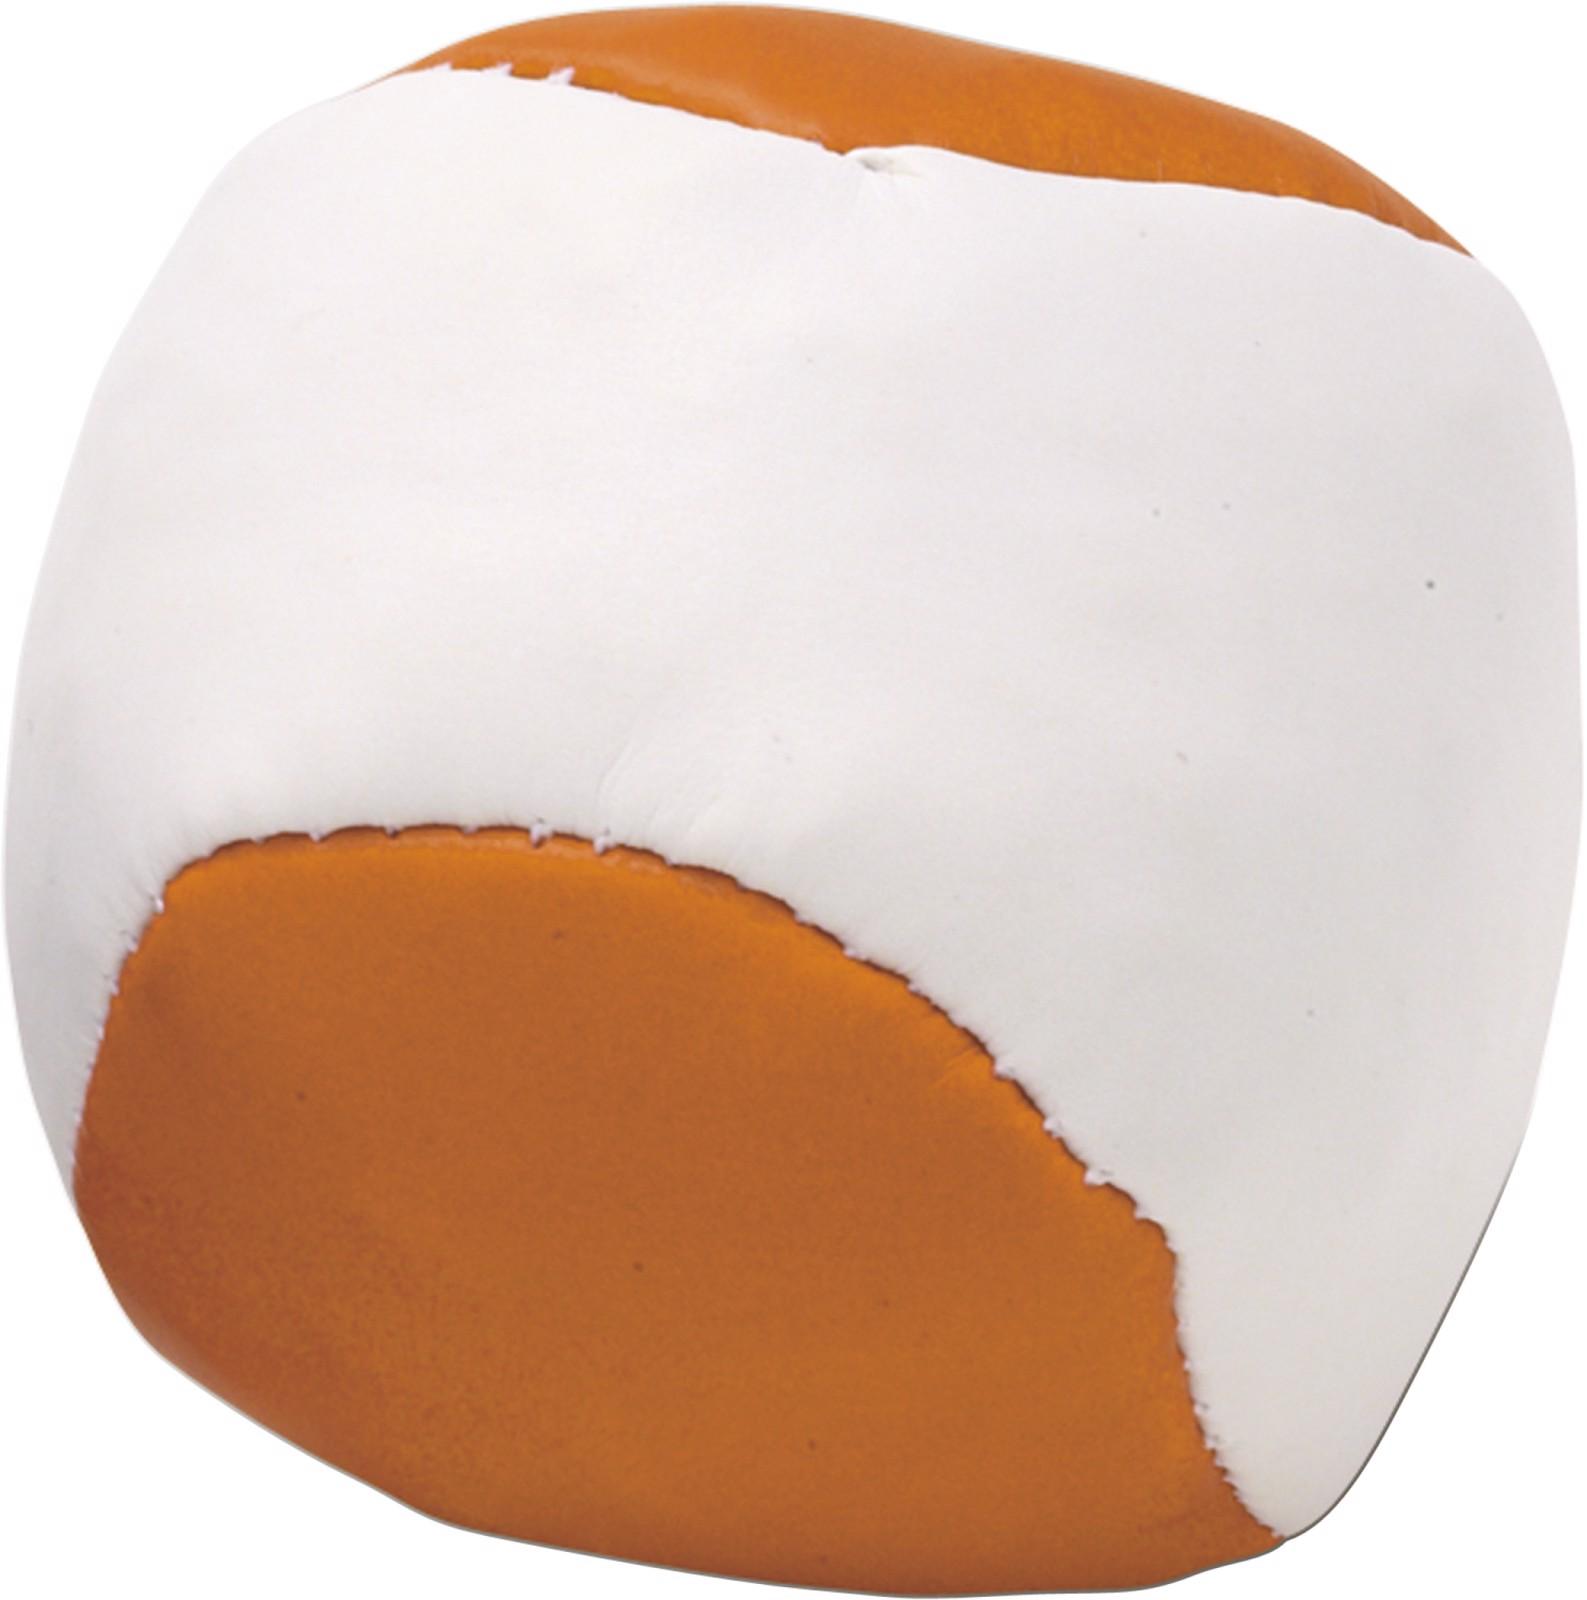 Imitation leather juggling ball - Orange